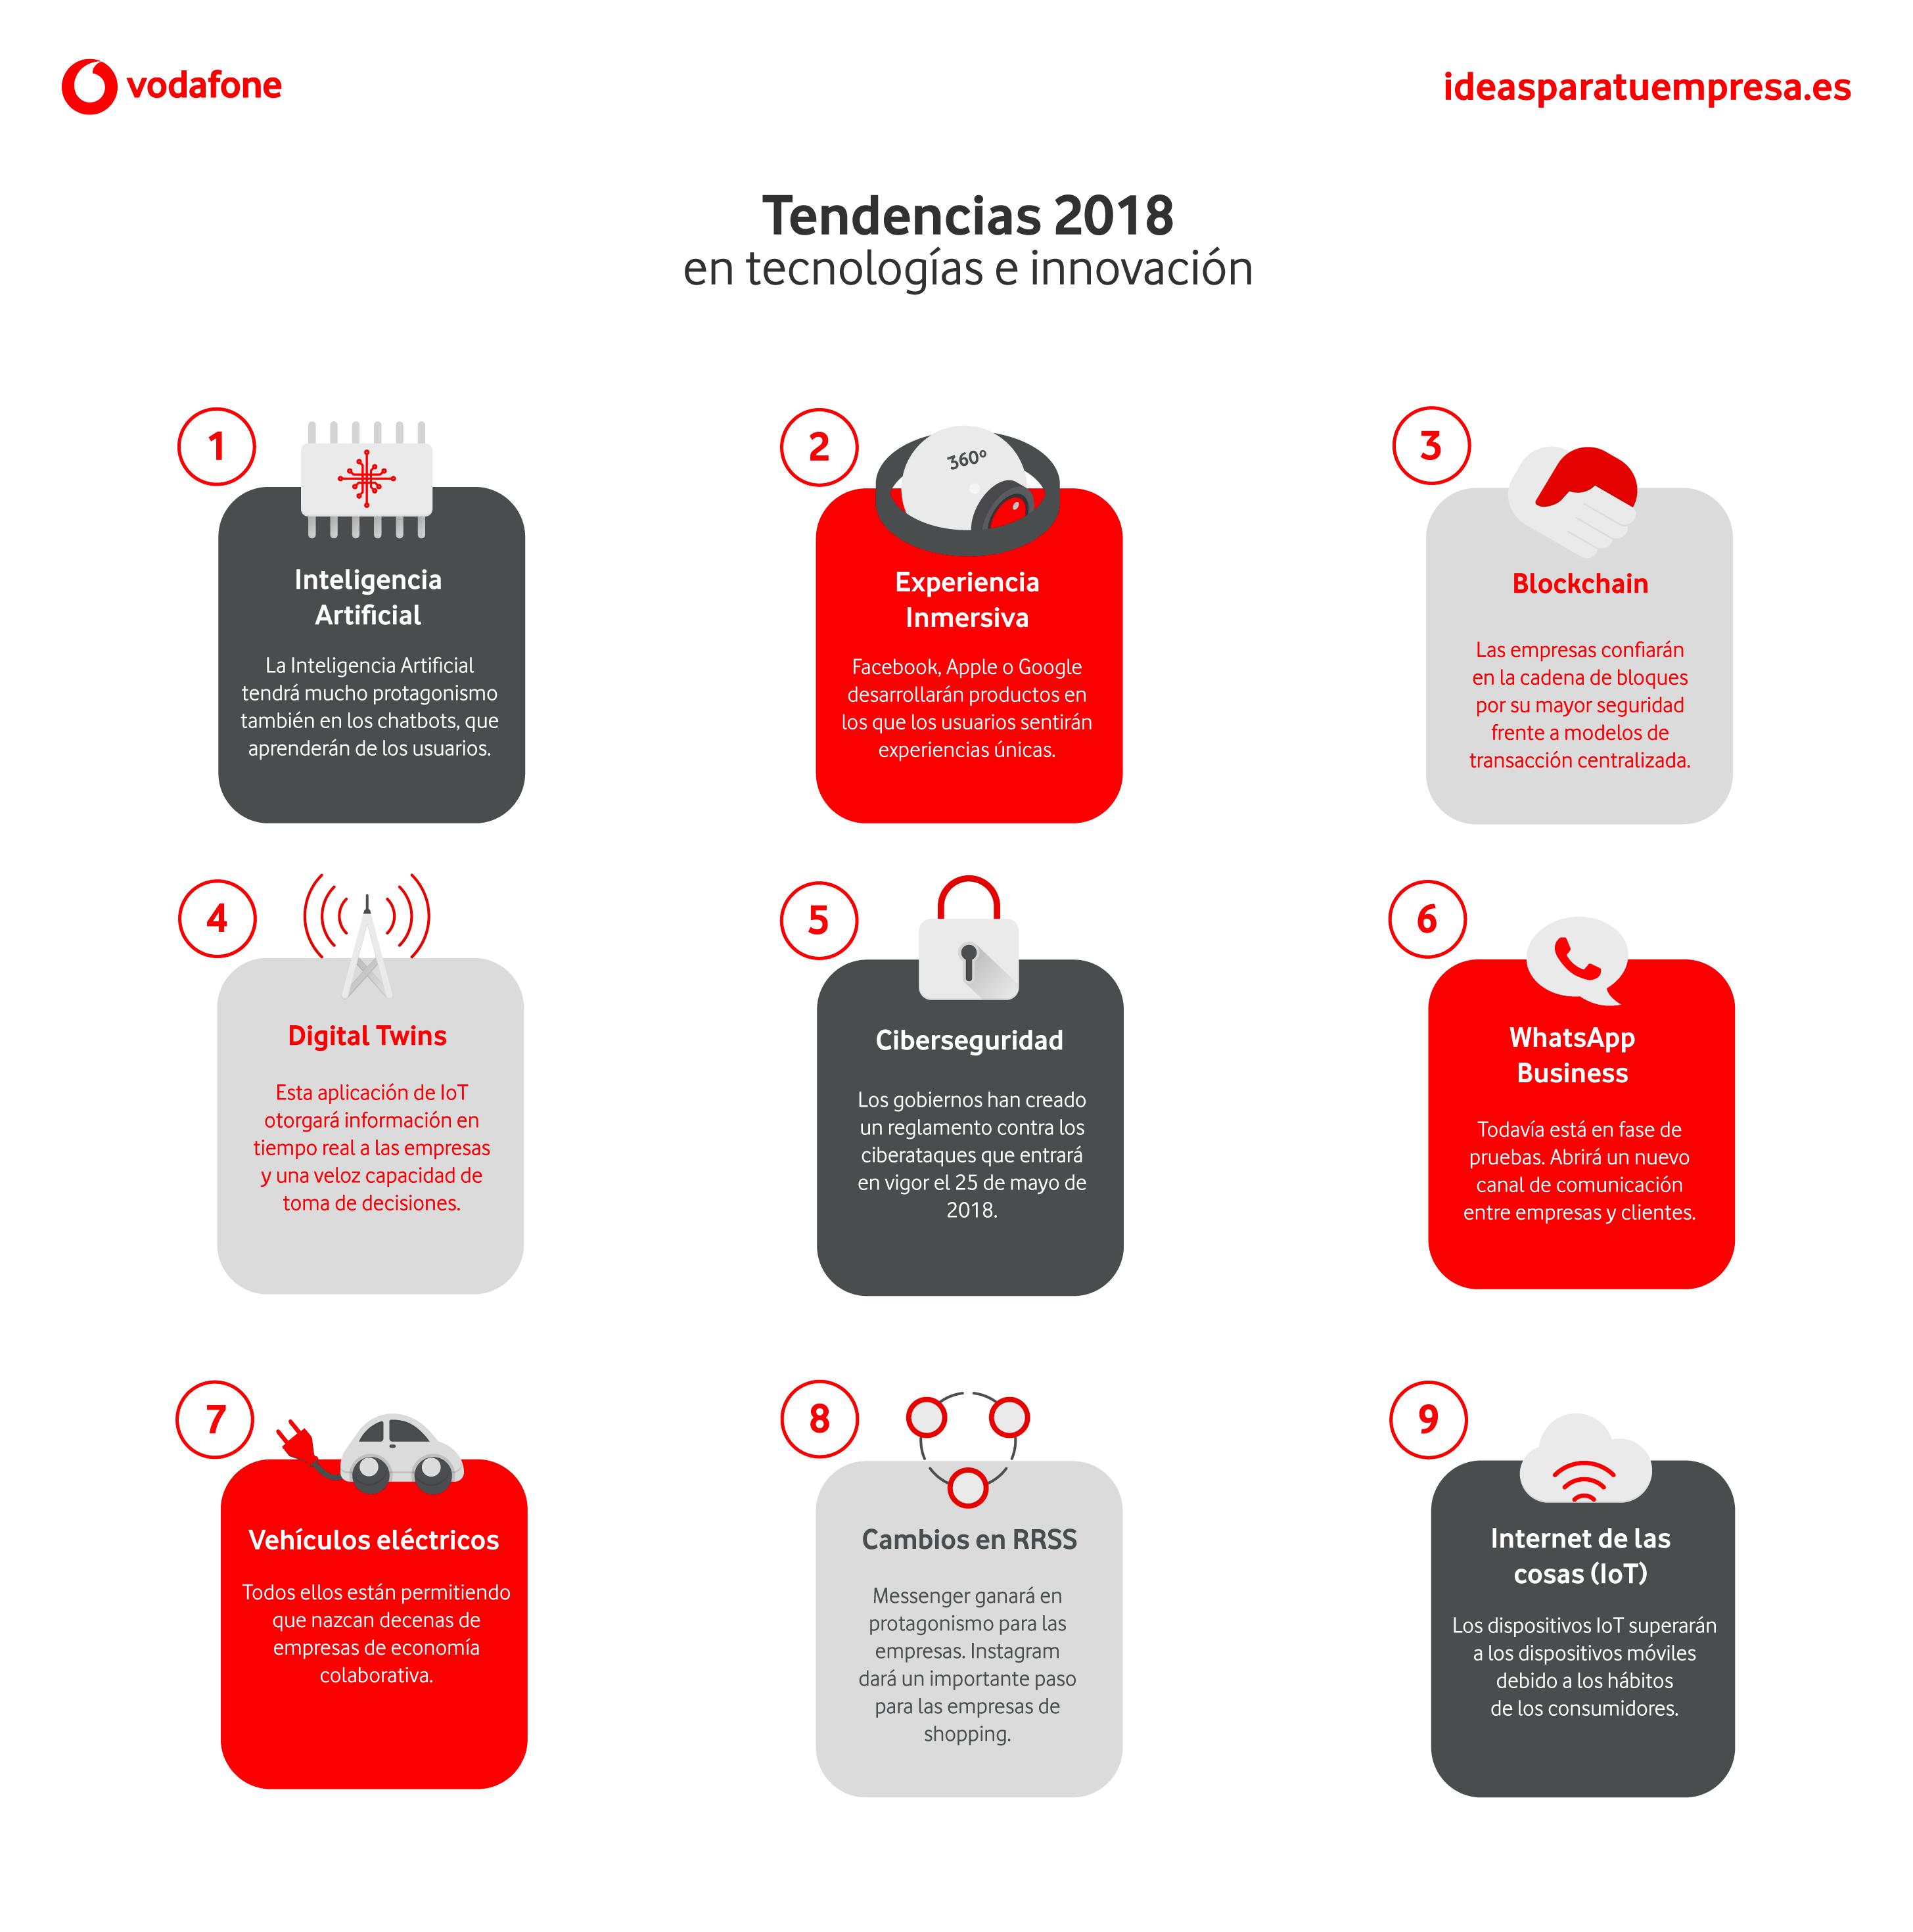 Tendencias 2018 en tecnología e innovación